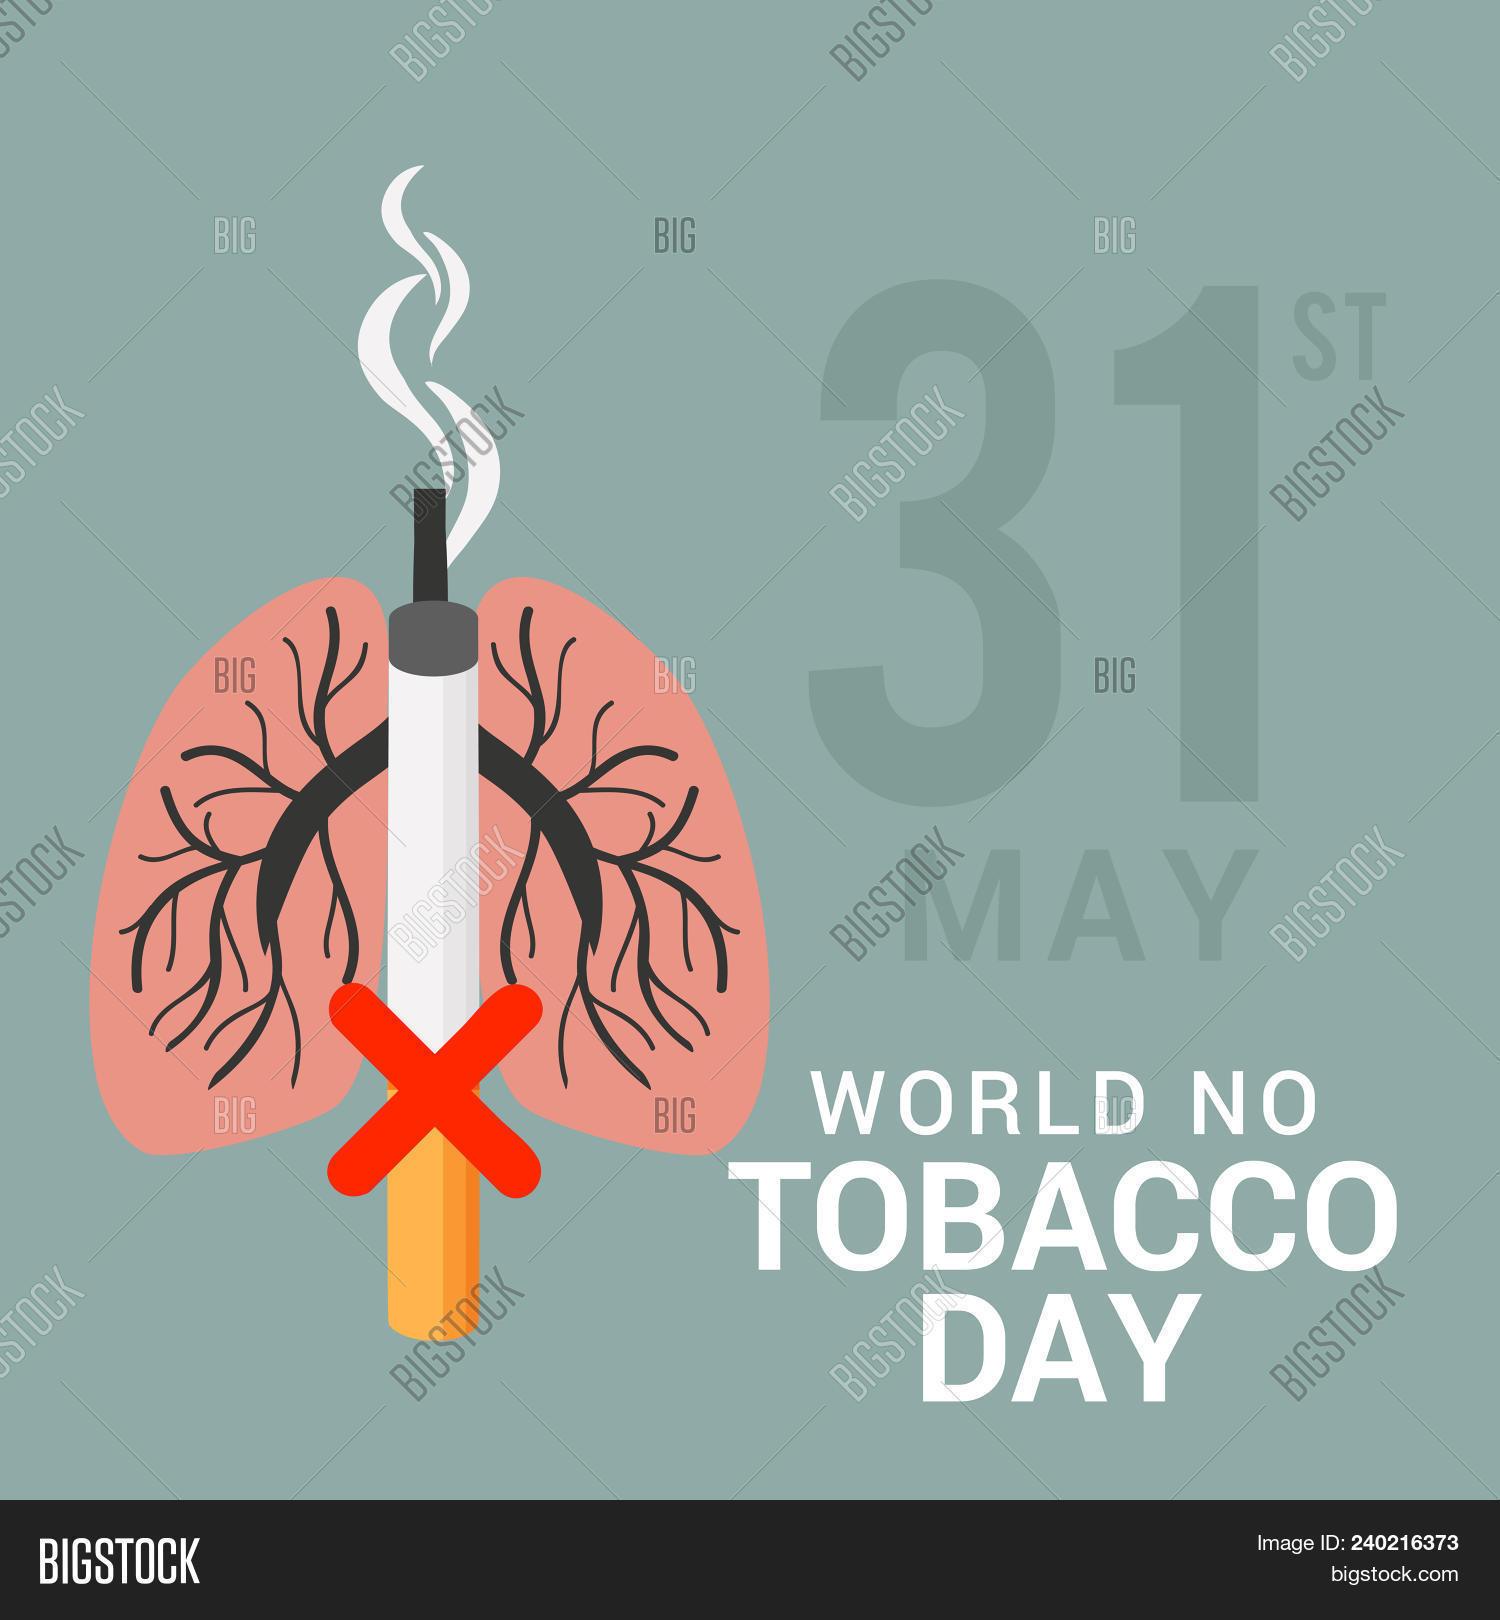 No Smoking Day 02 April 05 240216373 Image Stock Photo